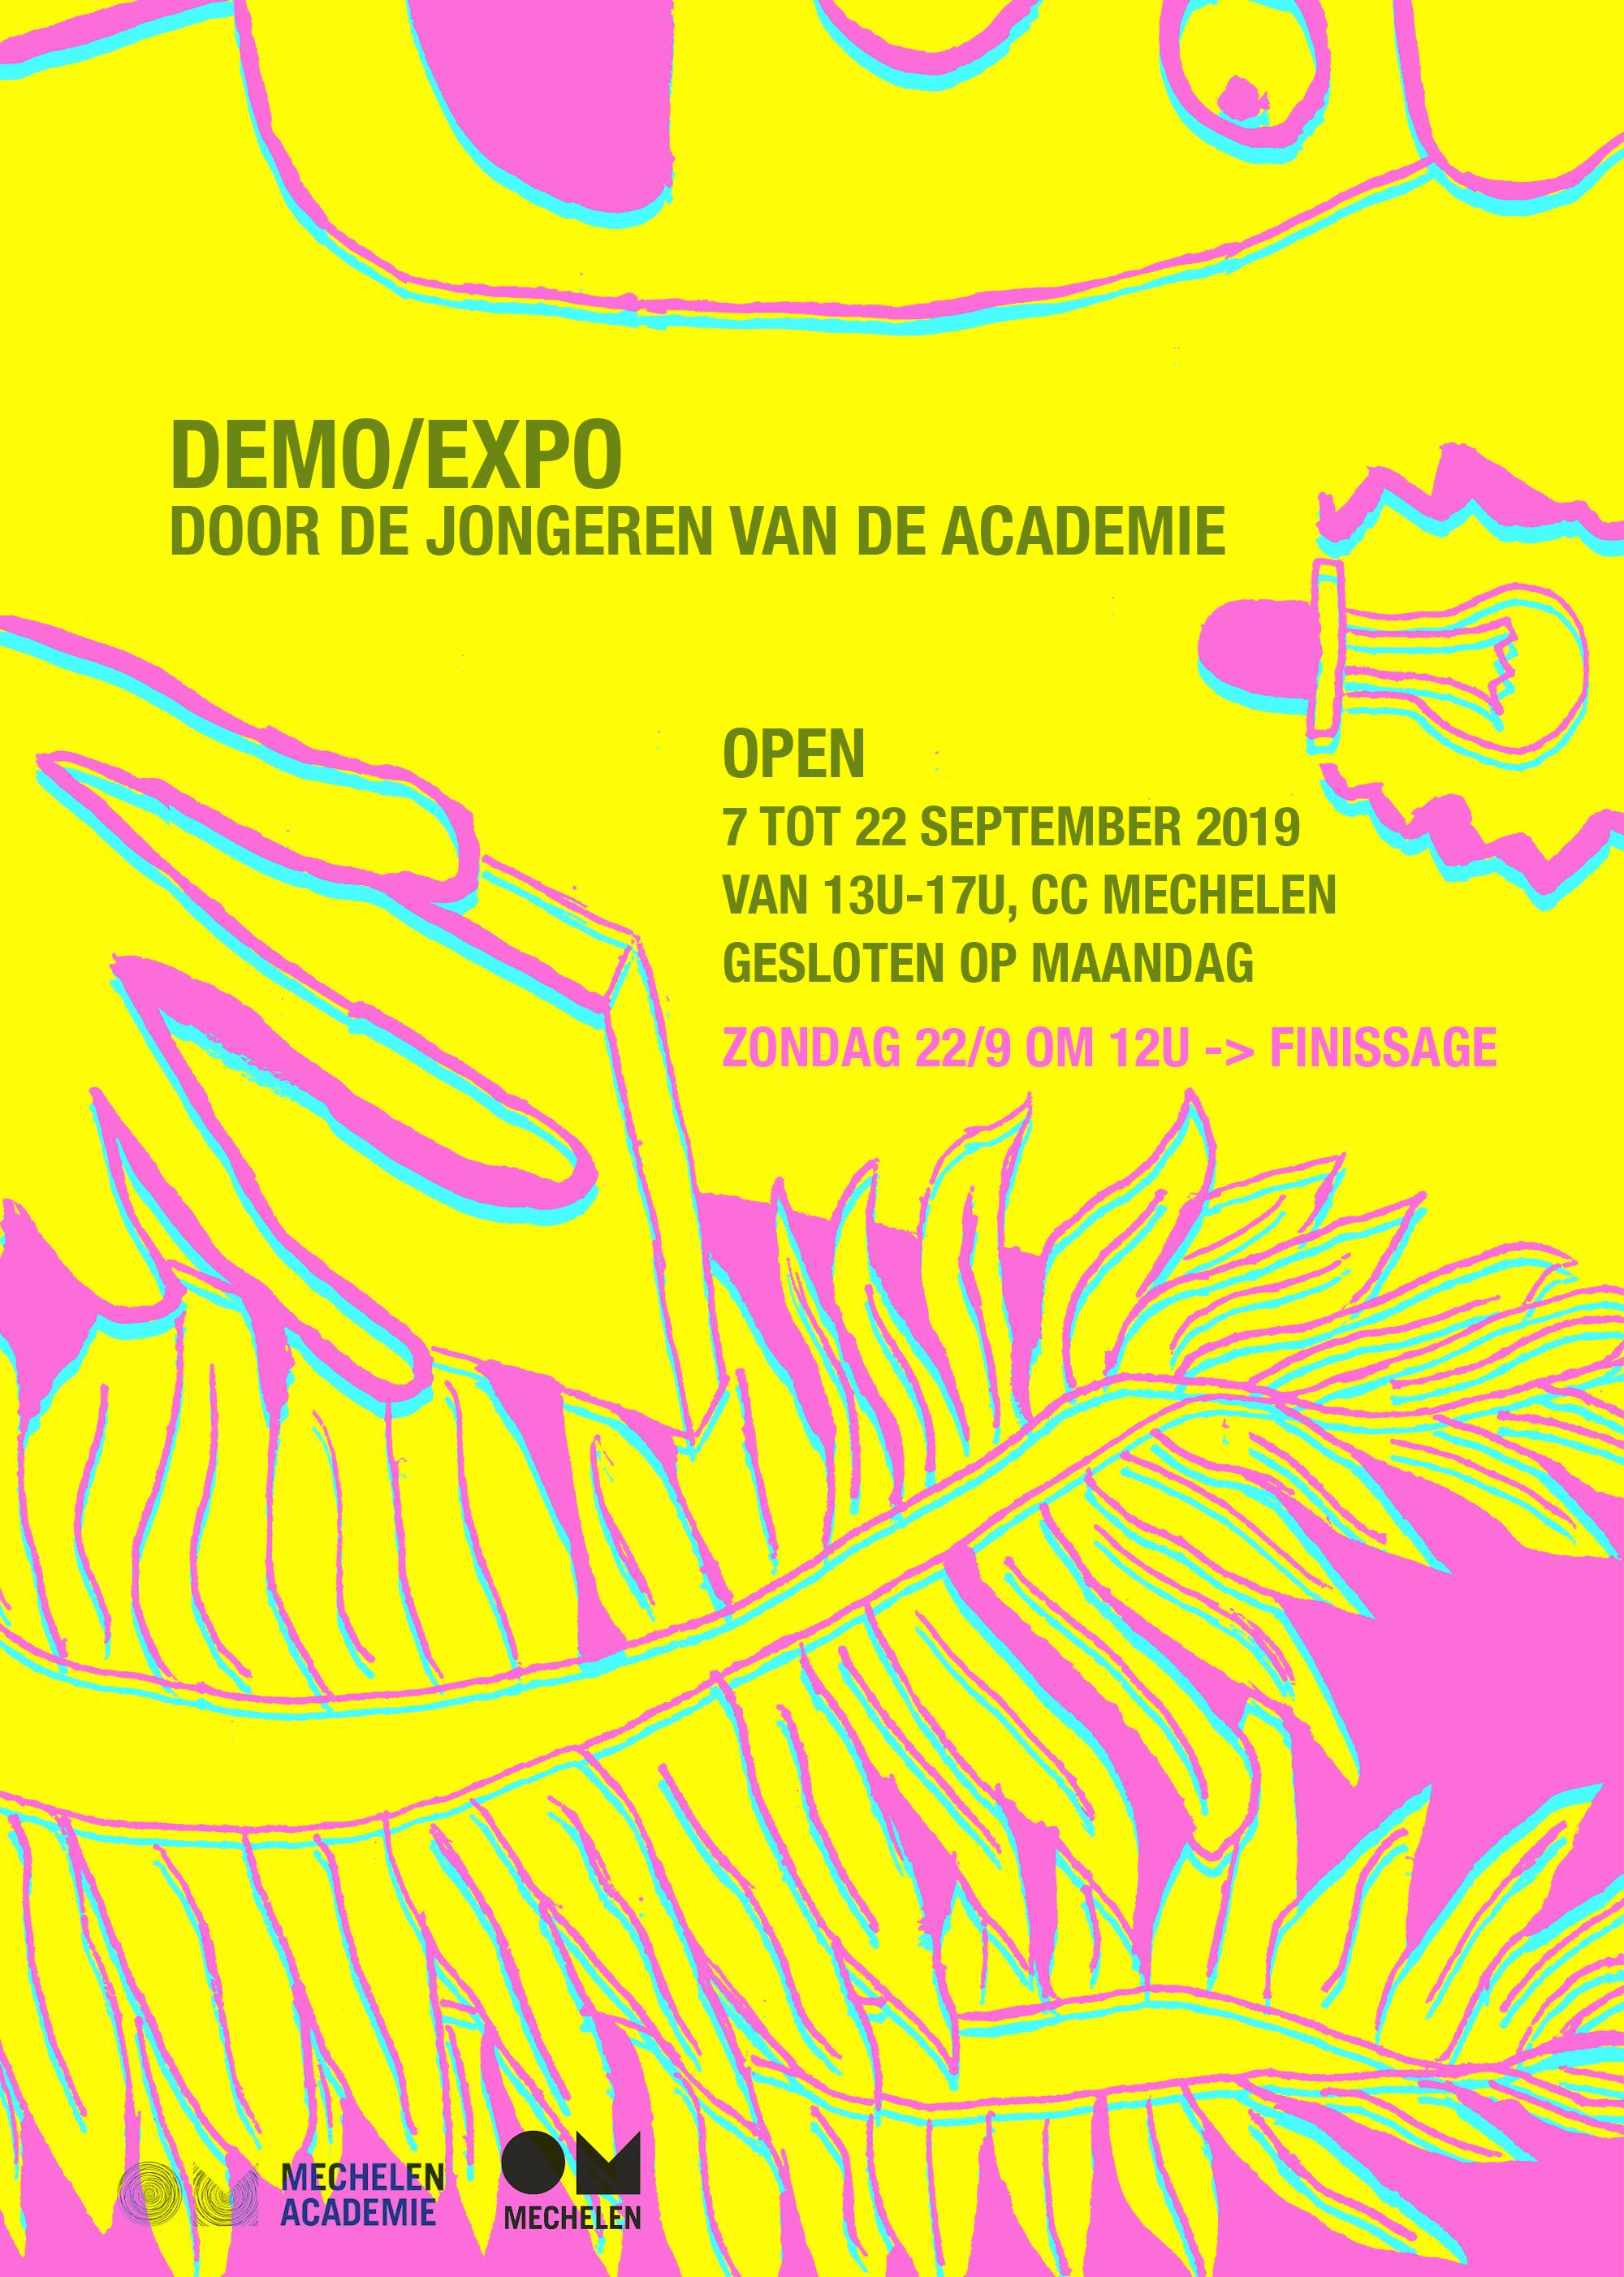 DEMO/EXPO